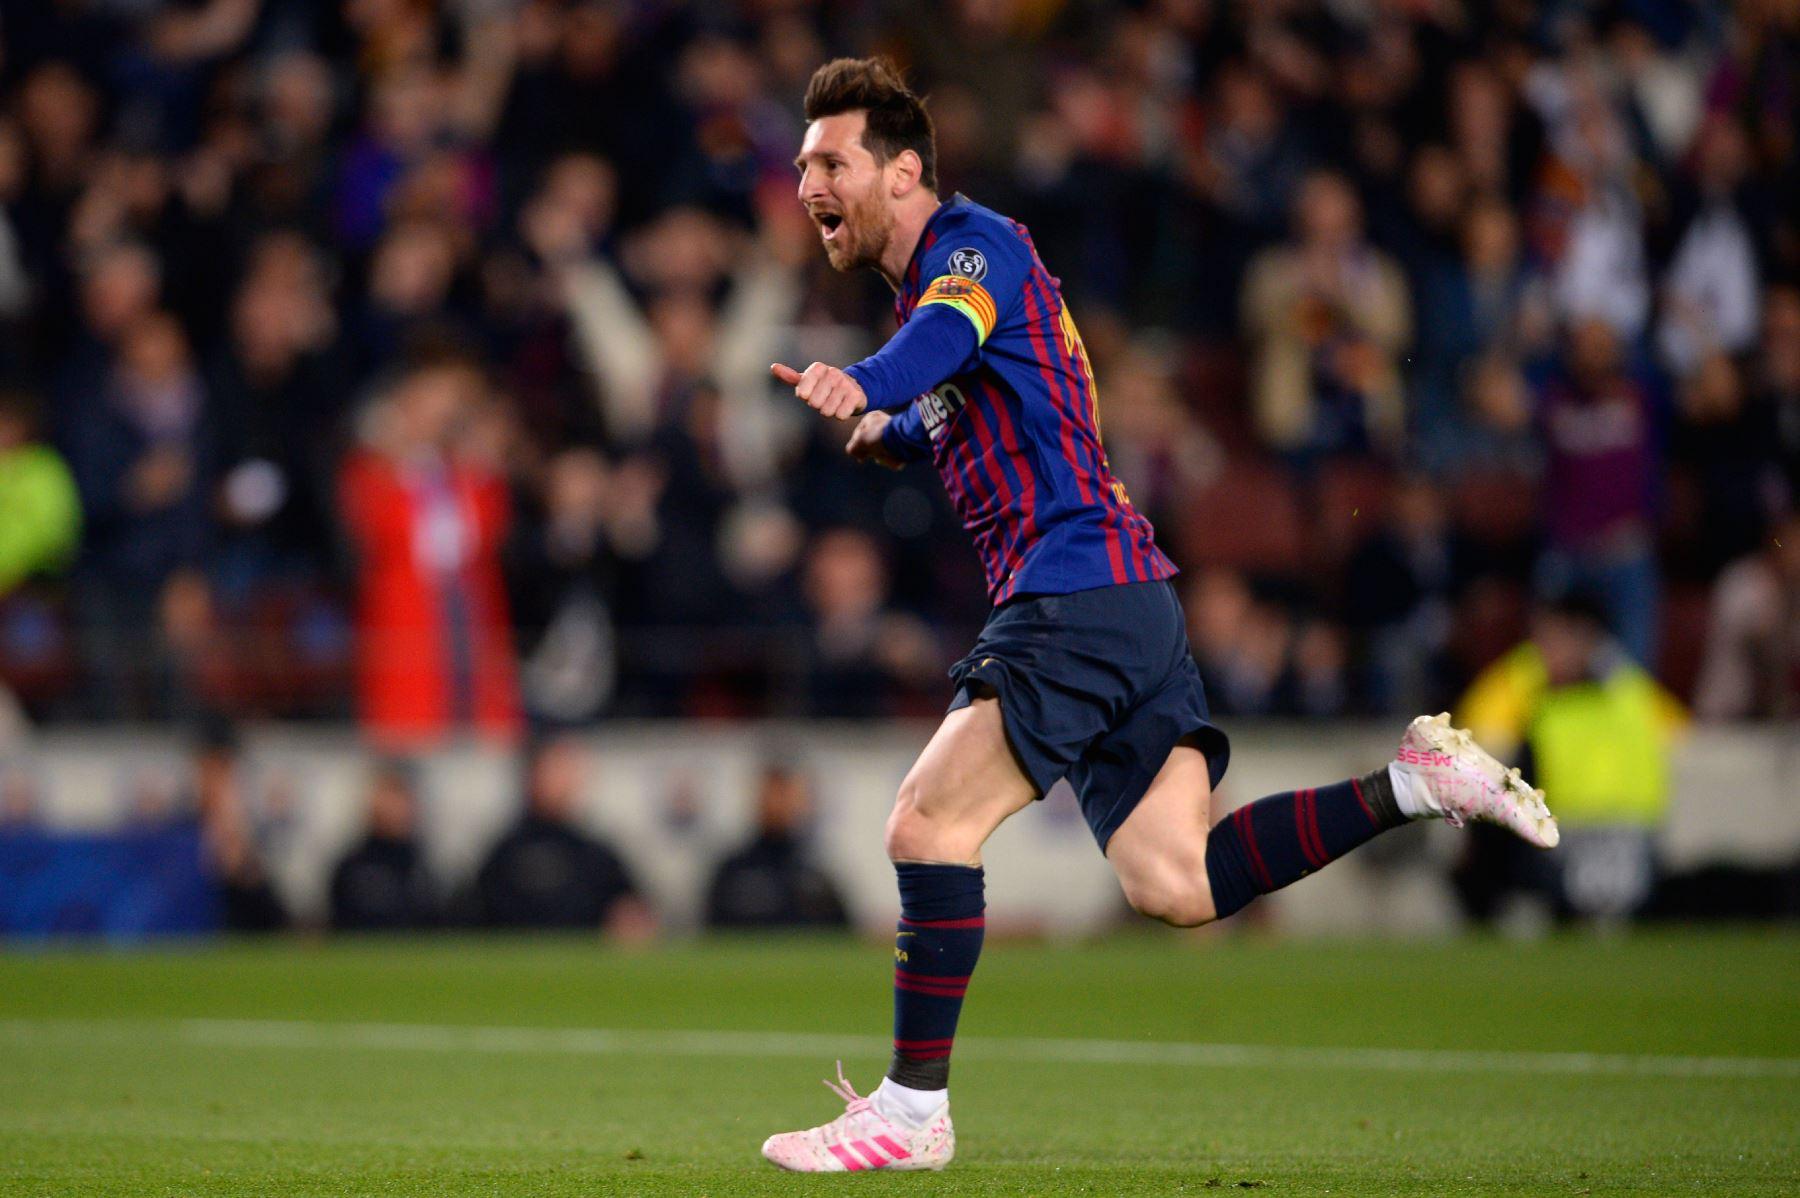 El delantero argentino de Barcelona, Lionel Messi, celebra después de marcar un gol durante el partido de fútbol de la segunda jornada de la UEFA Champions League entre Barcelona y Manchester United.Foto:AFP